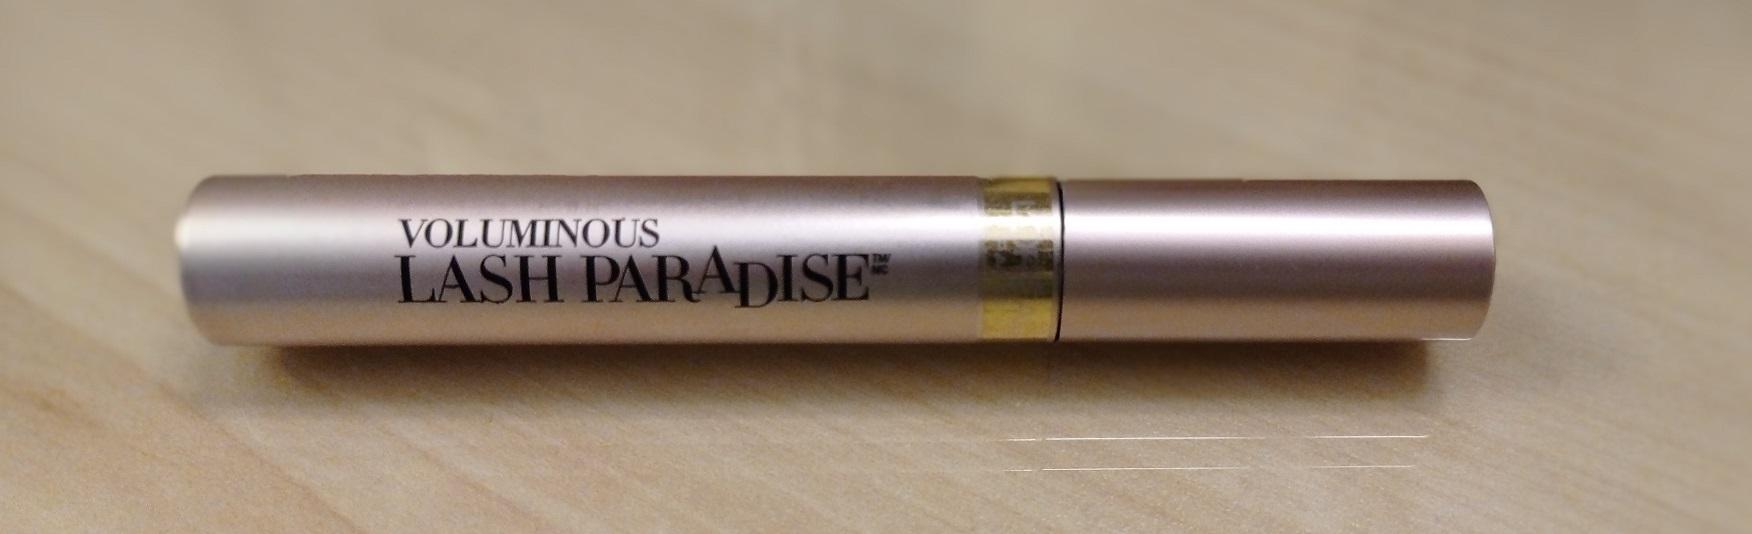 L'Oreal Voluminous Lash Paradise Mascara Review